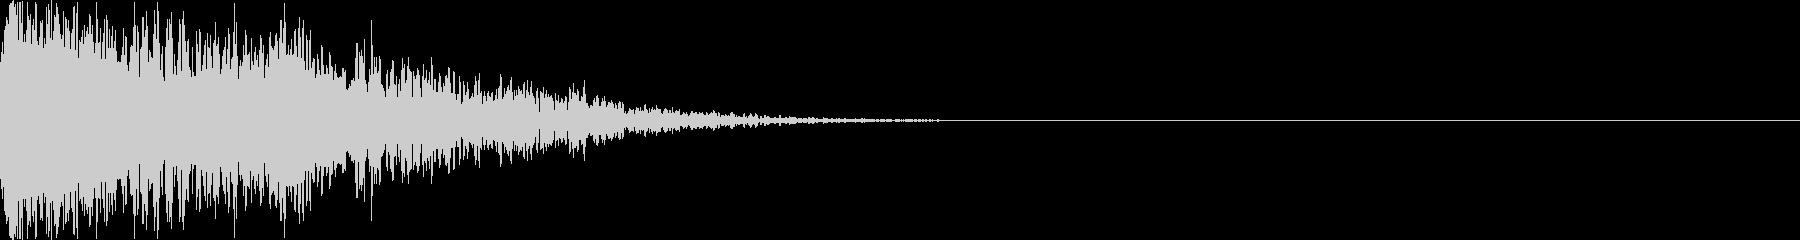 ロボット 合体 ガシーン キュイン 19の未再生の波形